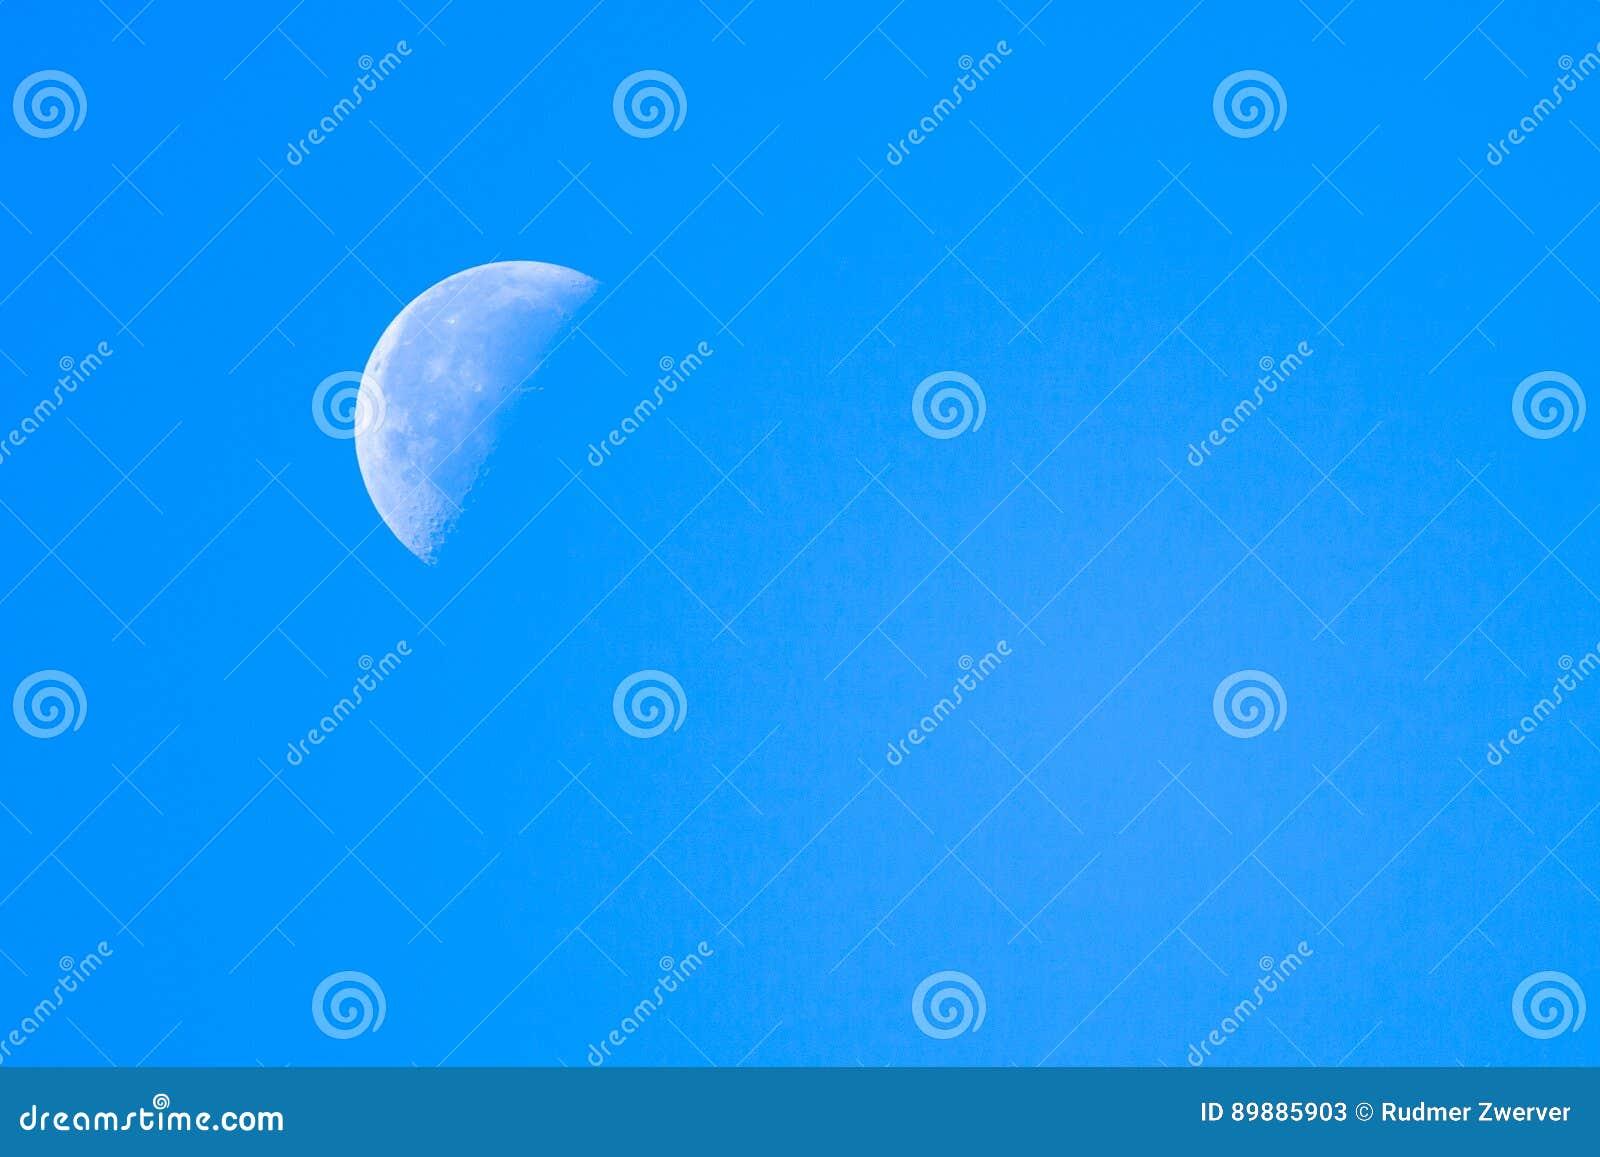 Halbmond-blauer Himmel stockbild. Bild von furchtsam - 89885903